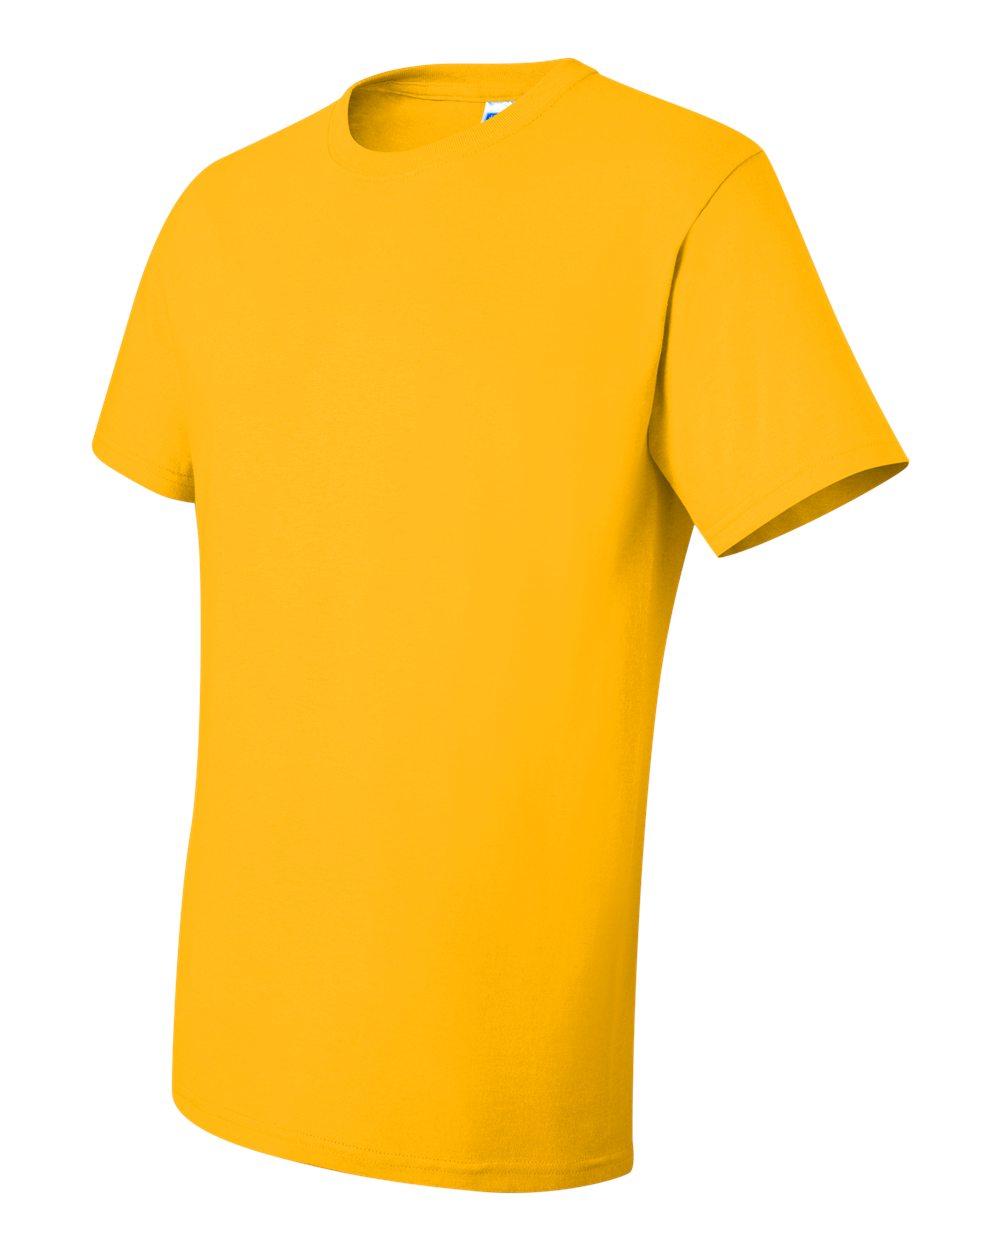 Jerzees-Men-039-s-5-6-oz-50-50-Heavyweight-Blend-T-Shirt-29M-S-4XL thumbnail 6